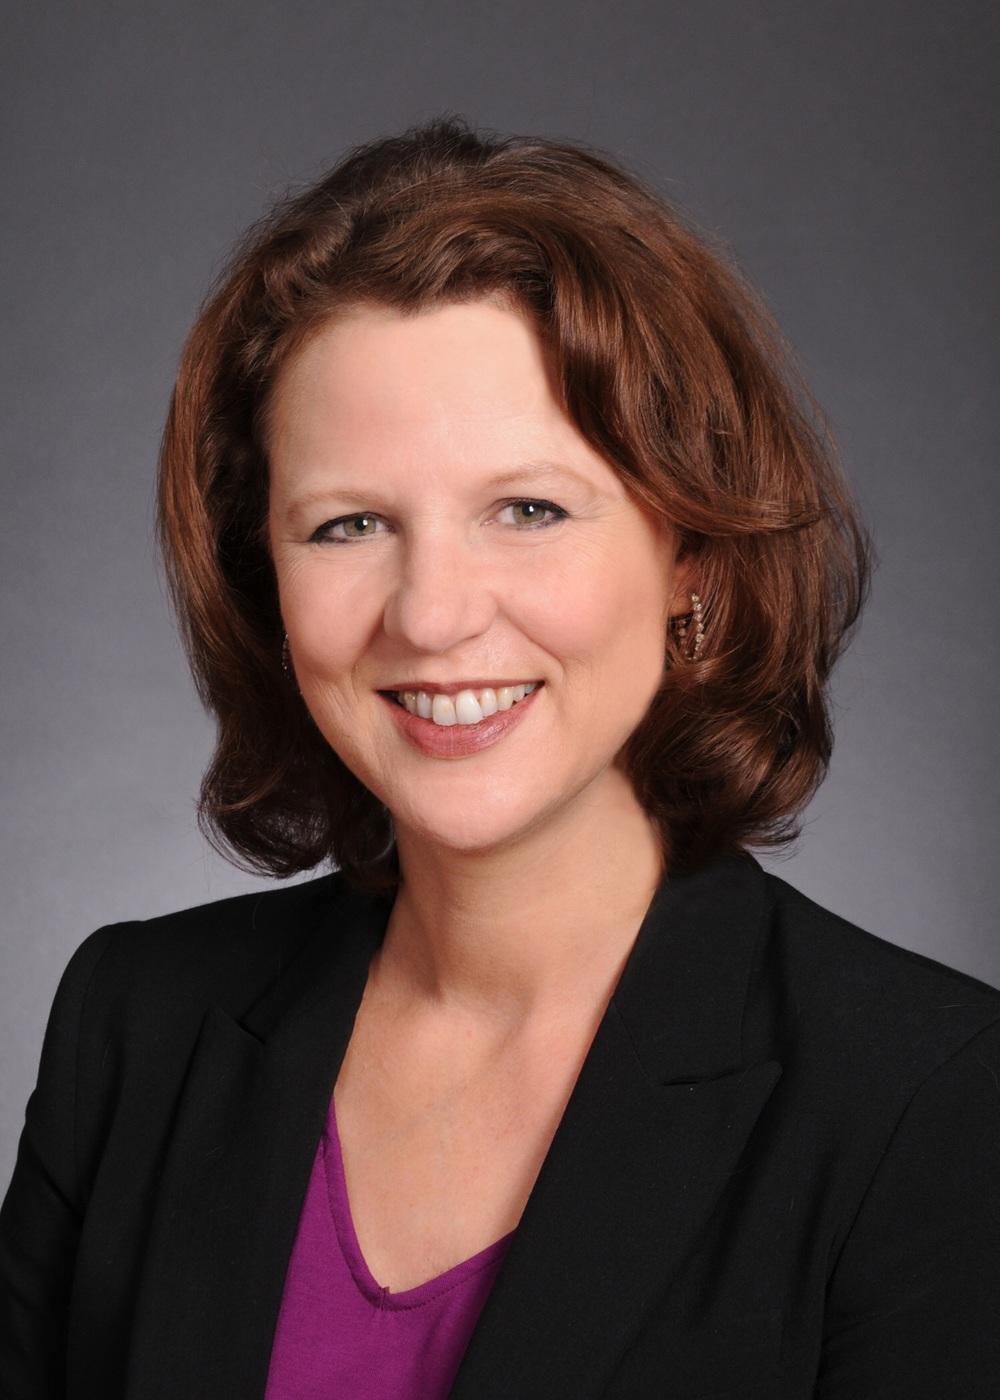 Mayor Amy Walen